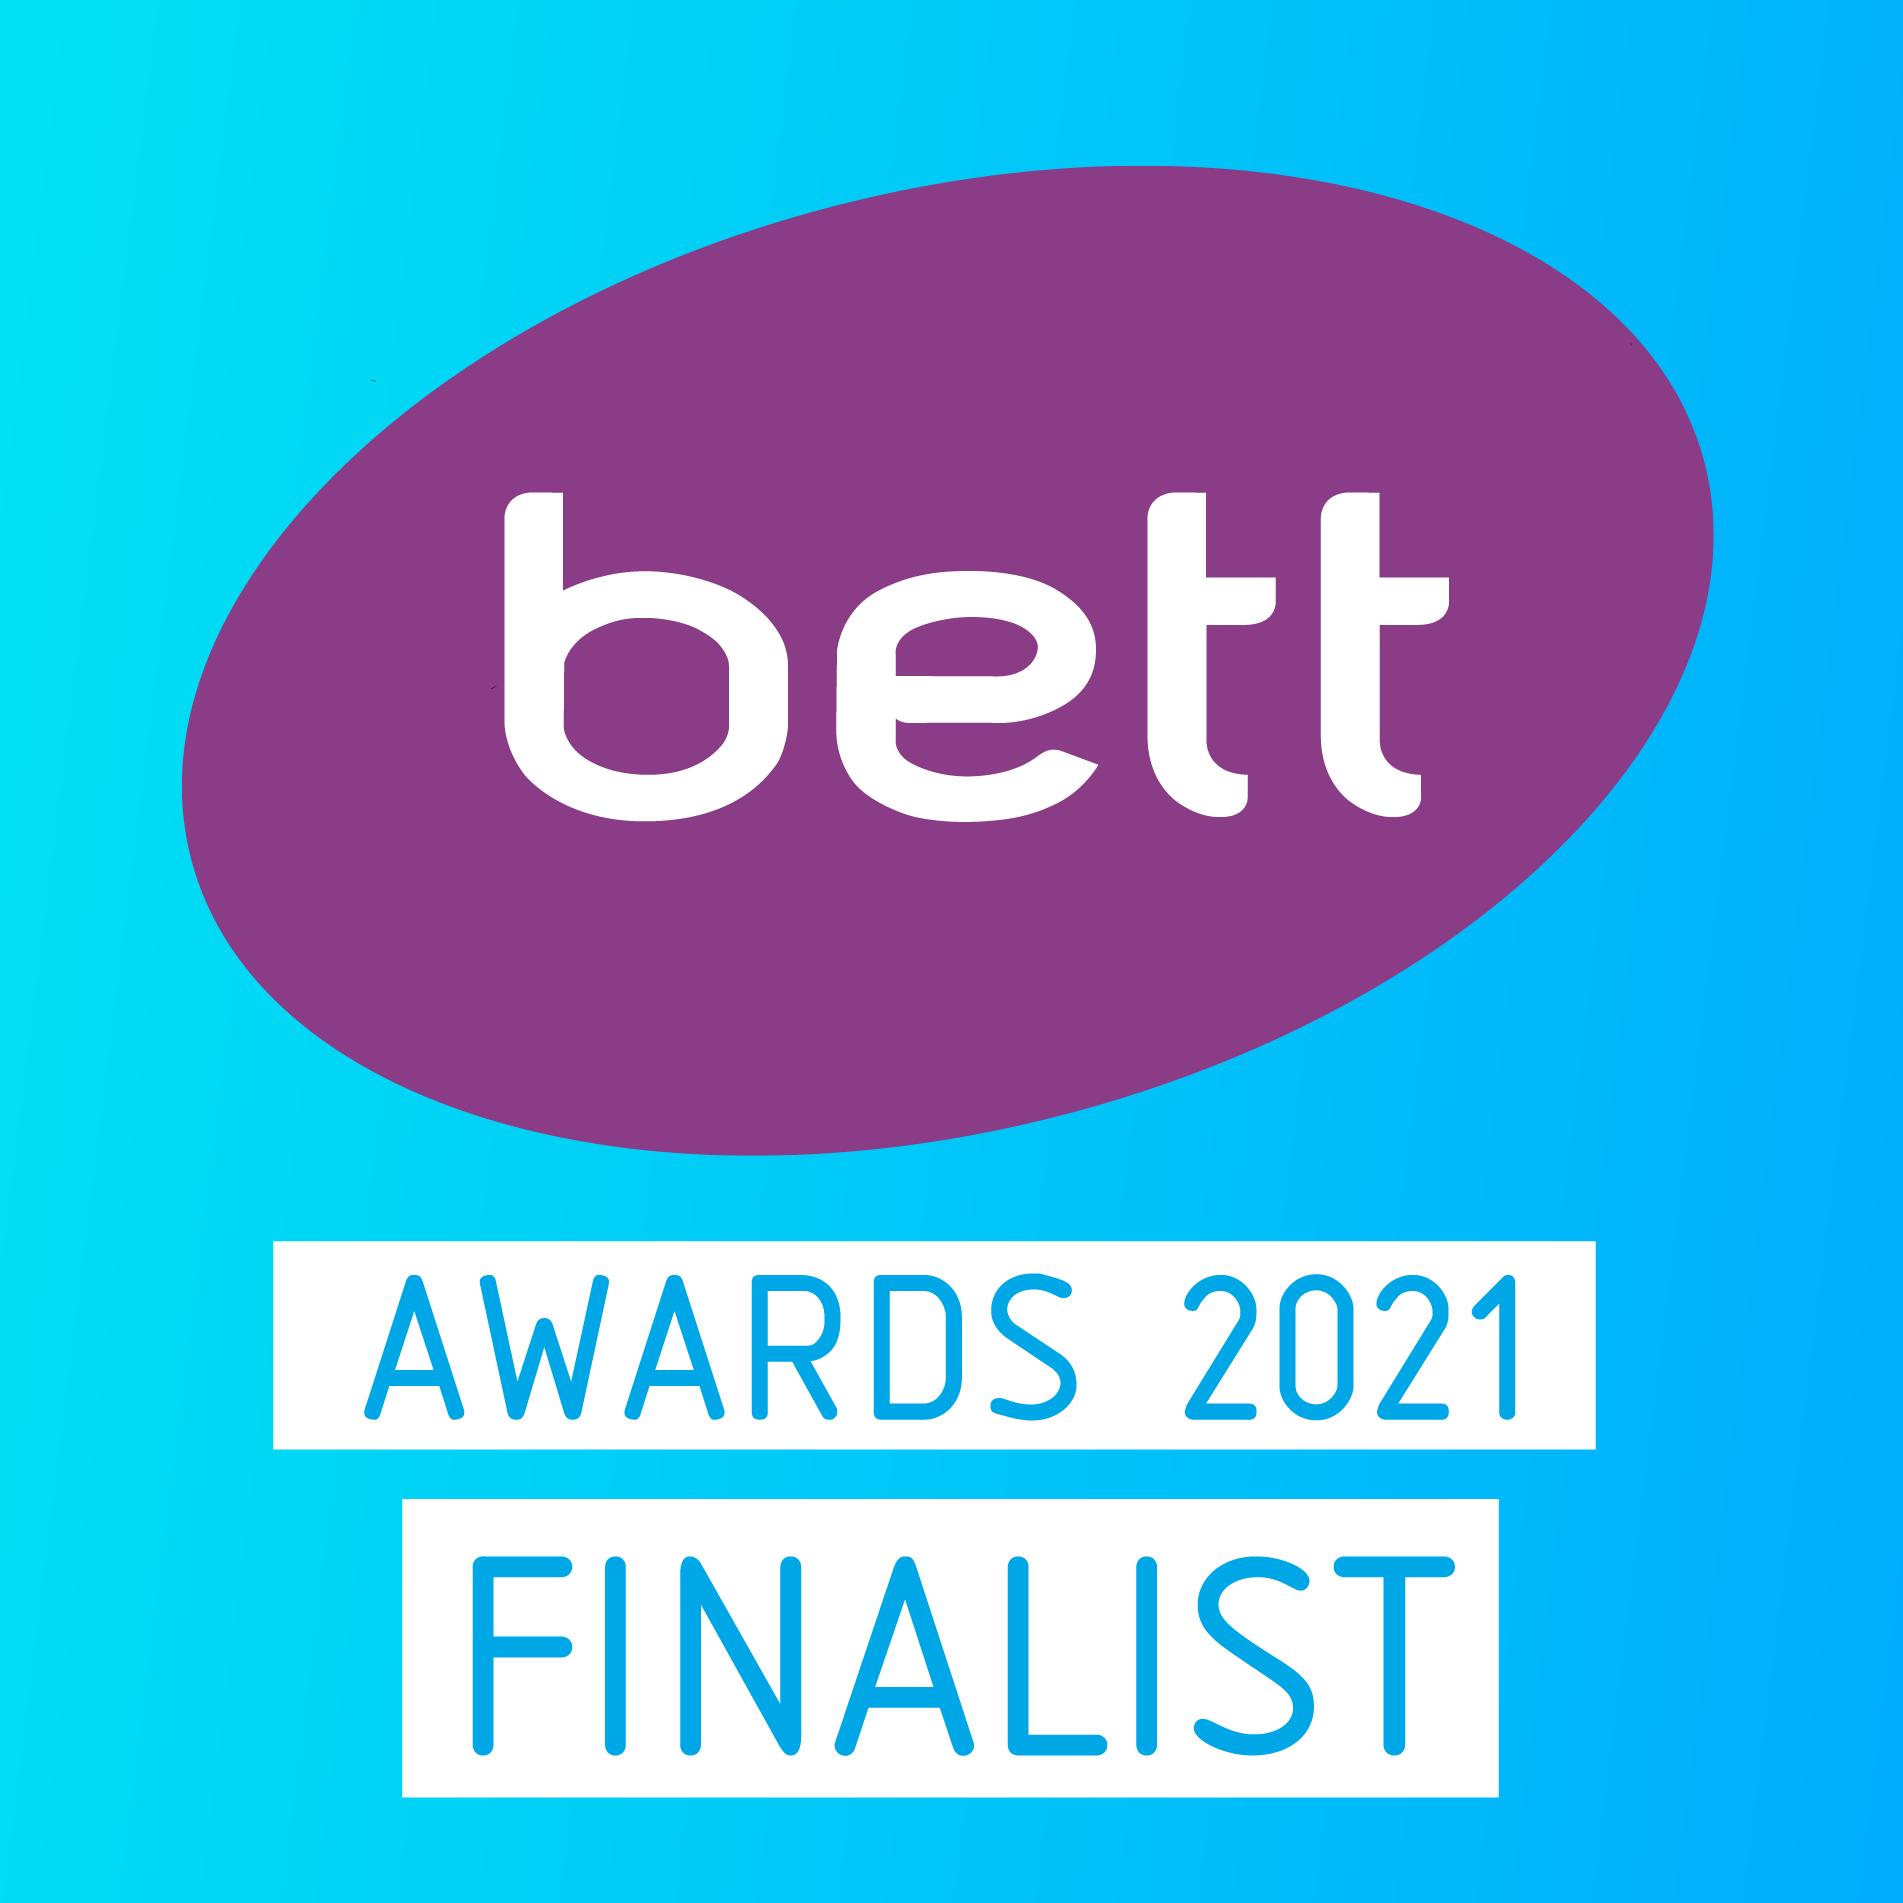 SQ BETT Bettfinalists-01 copy